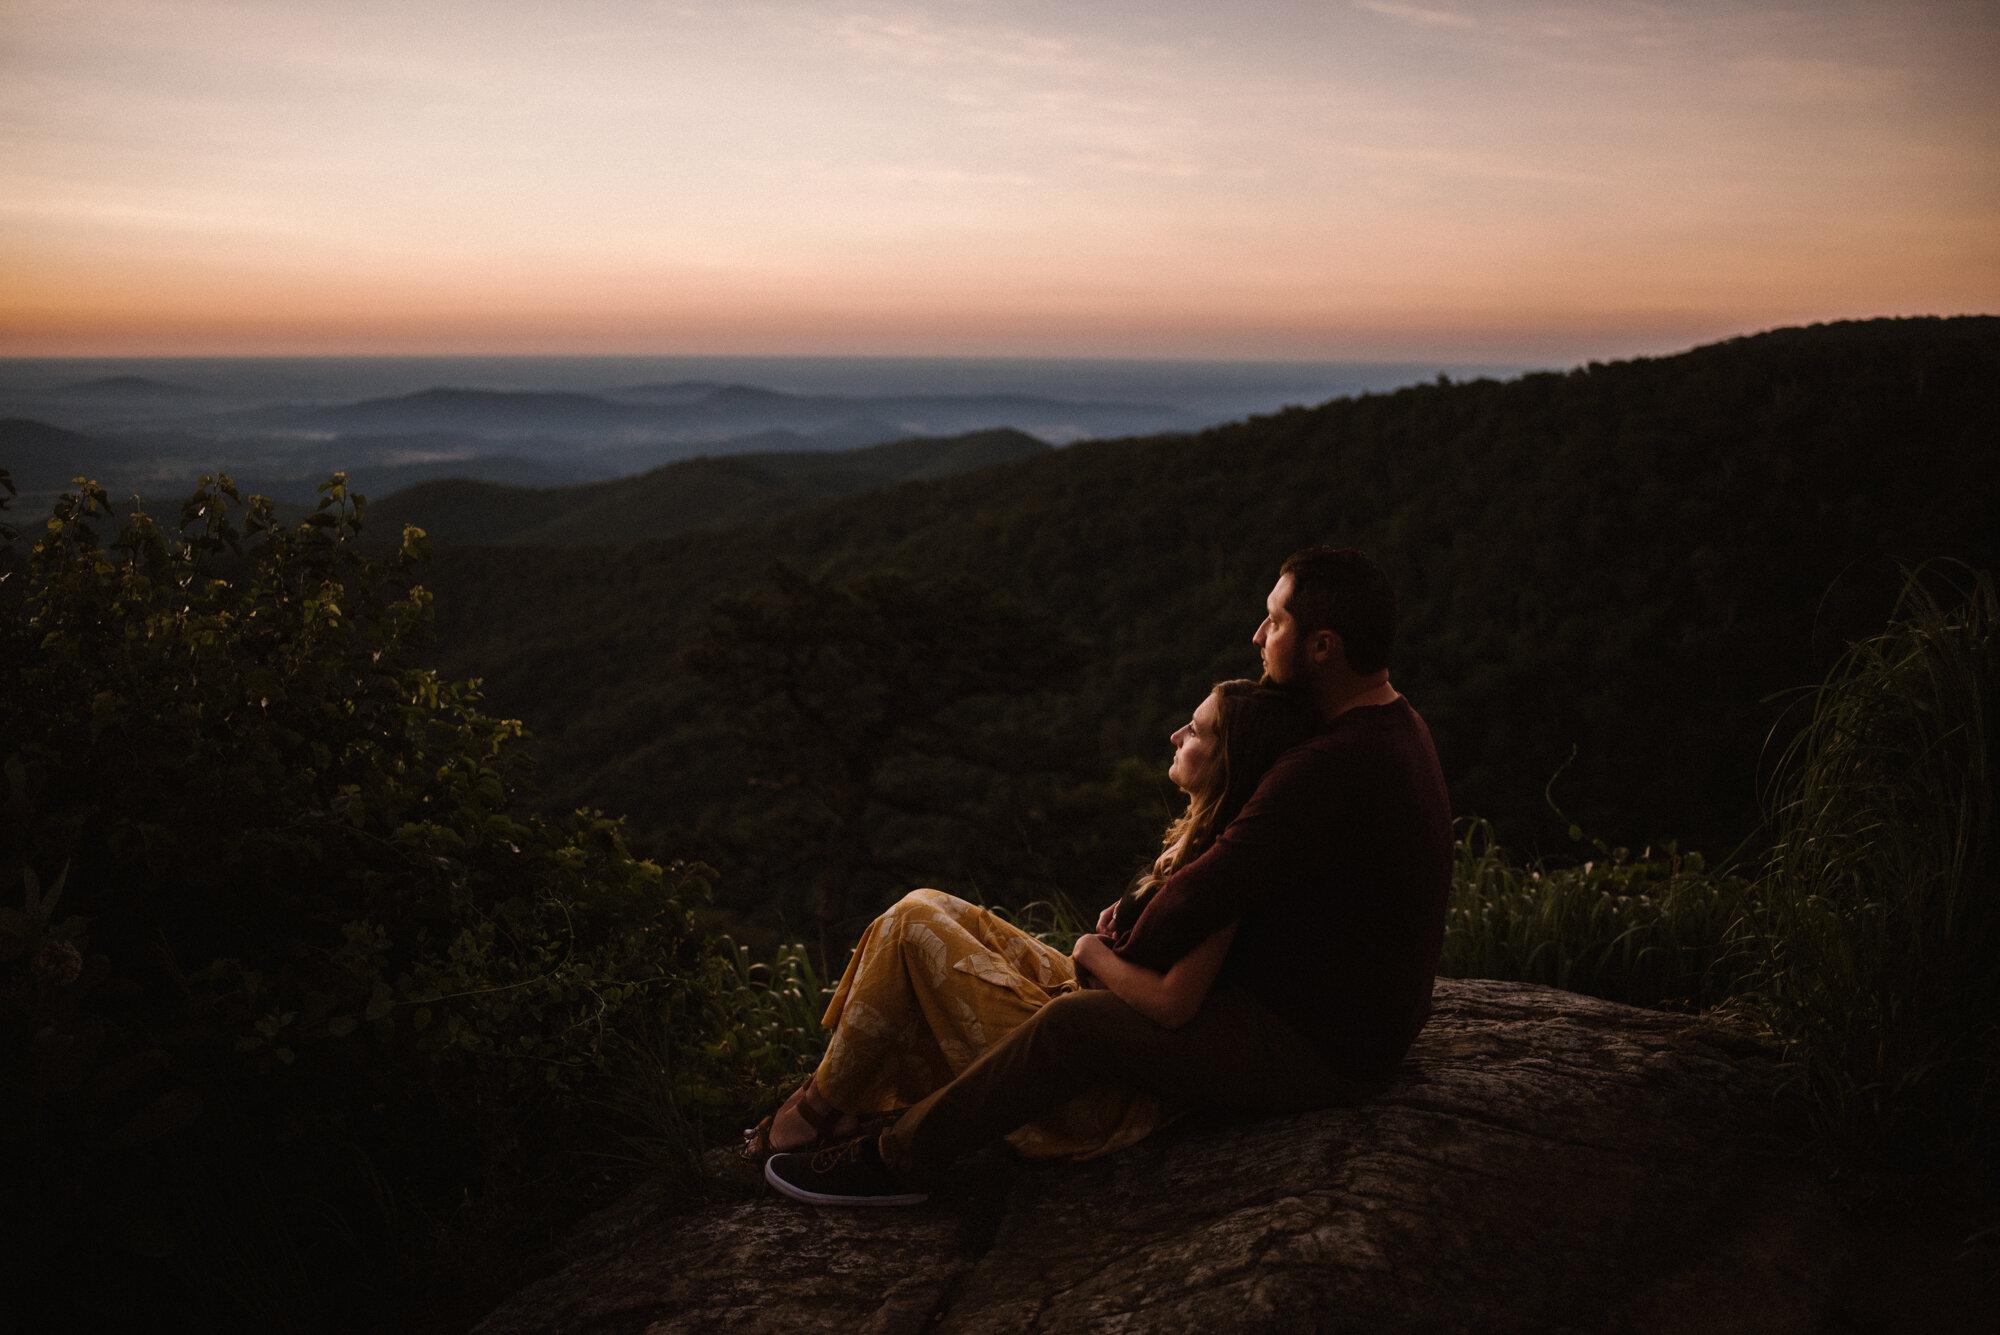 Shenandoah National Park Engagement Session - Sunrise Mountain Couple Photo Shoot - Blue Ridge Mountain Photo Shoot - Shenandoah National Park Photographer - White Sails Creative _3.jpg